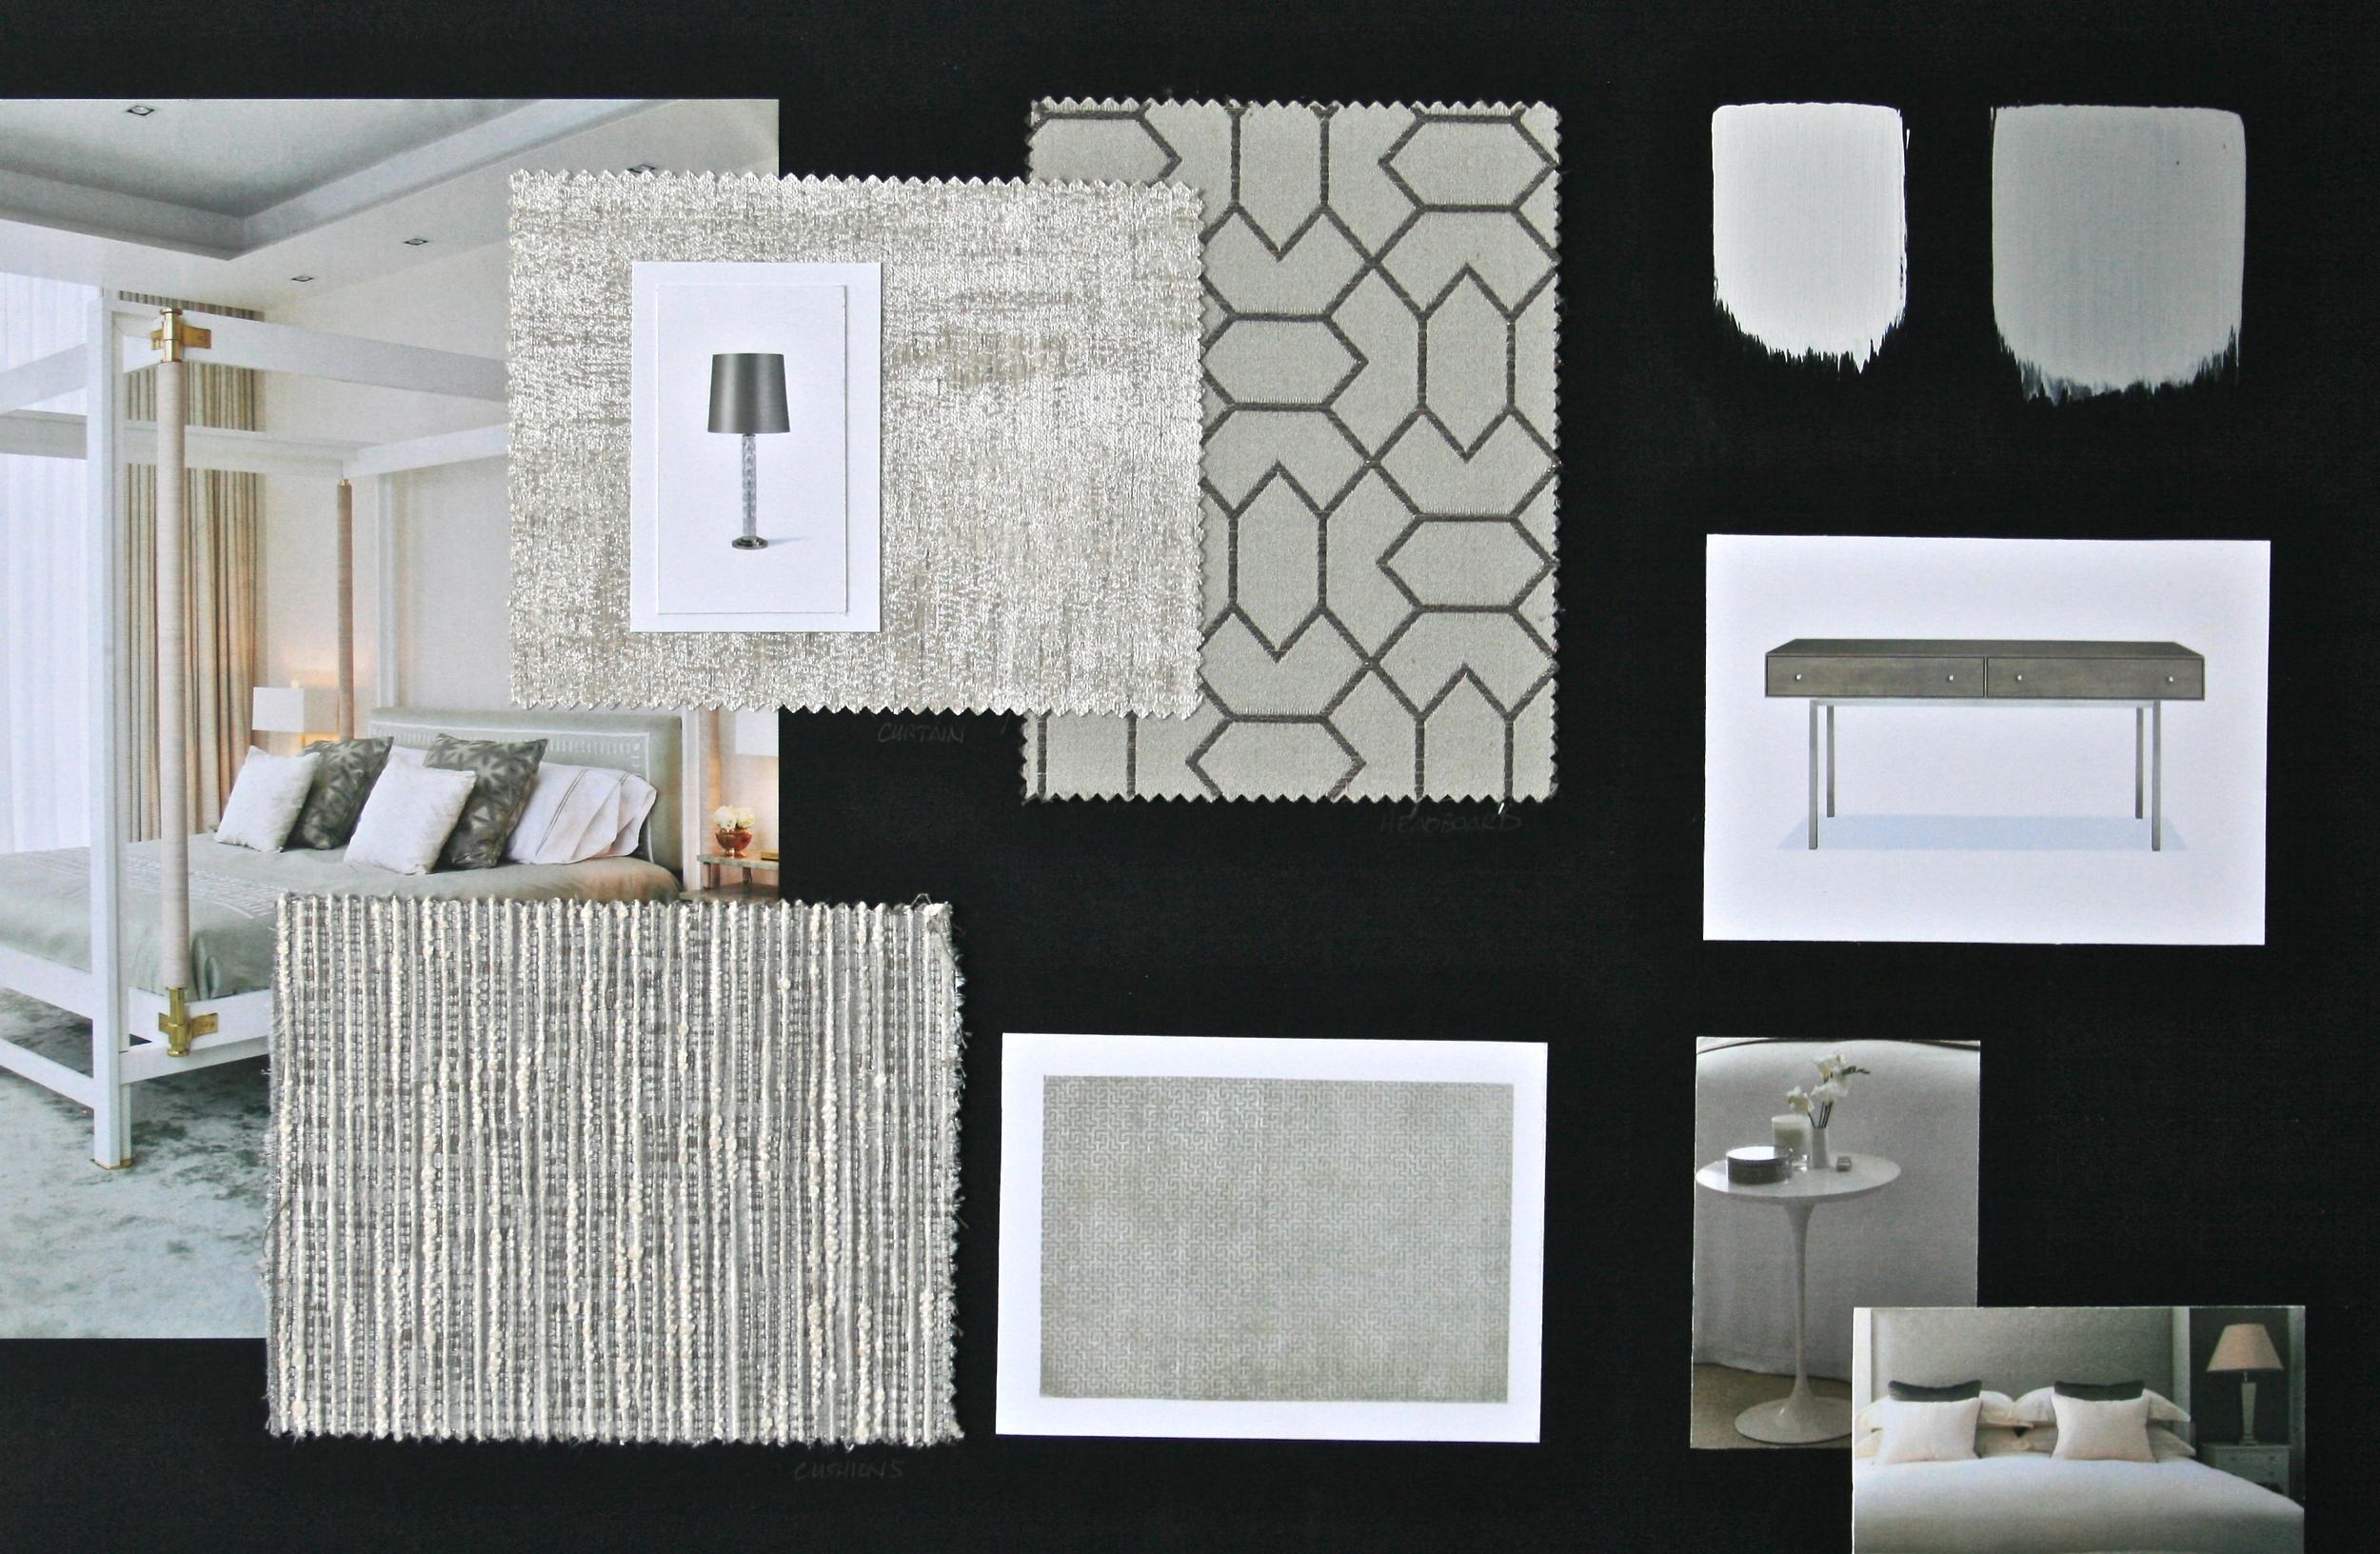 Master Bedroom Design Board | www.interiorsmatter.com